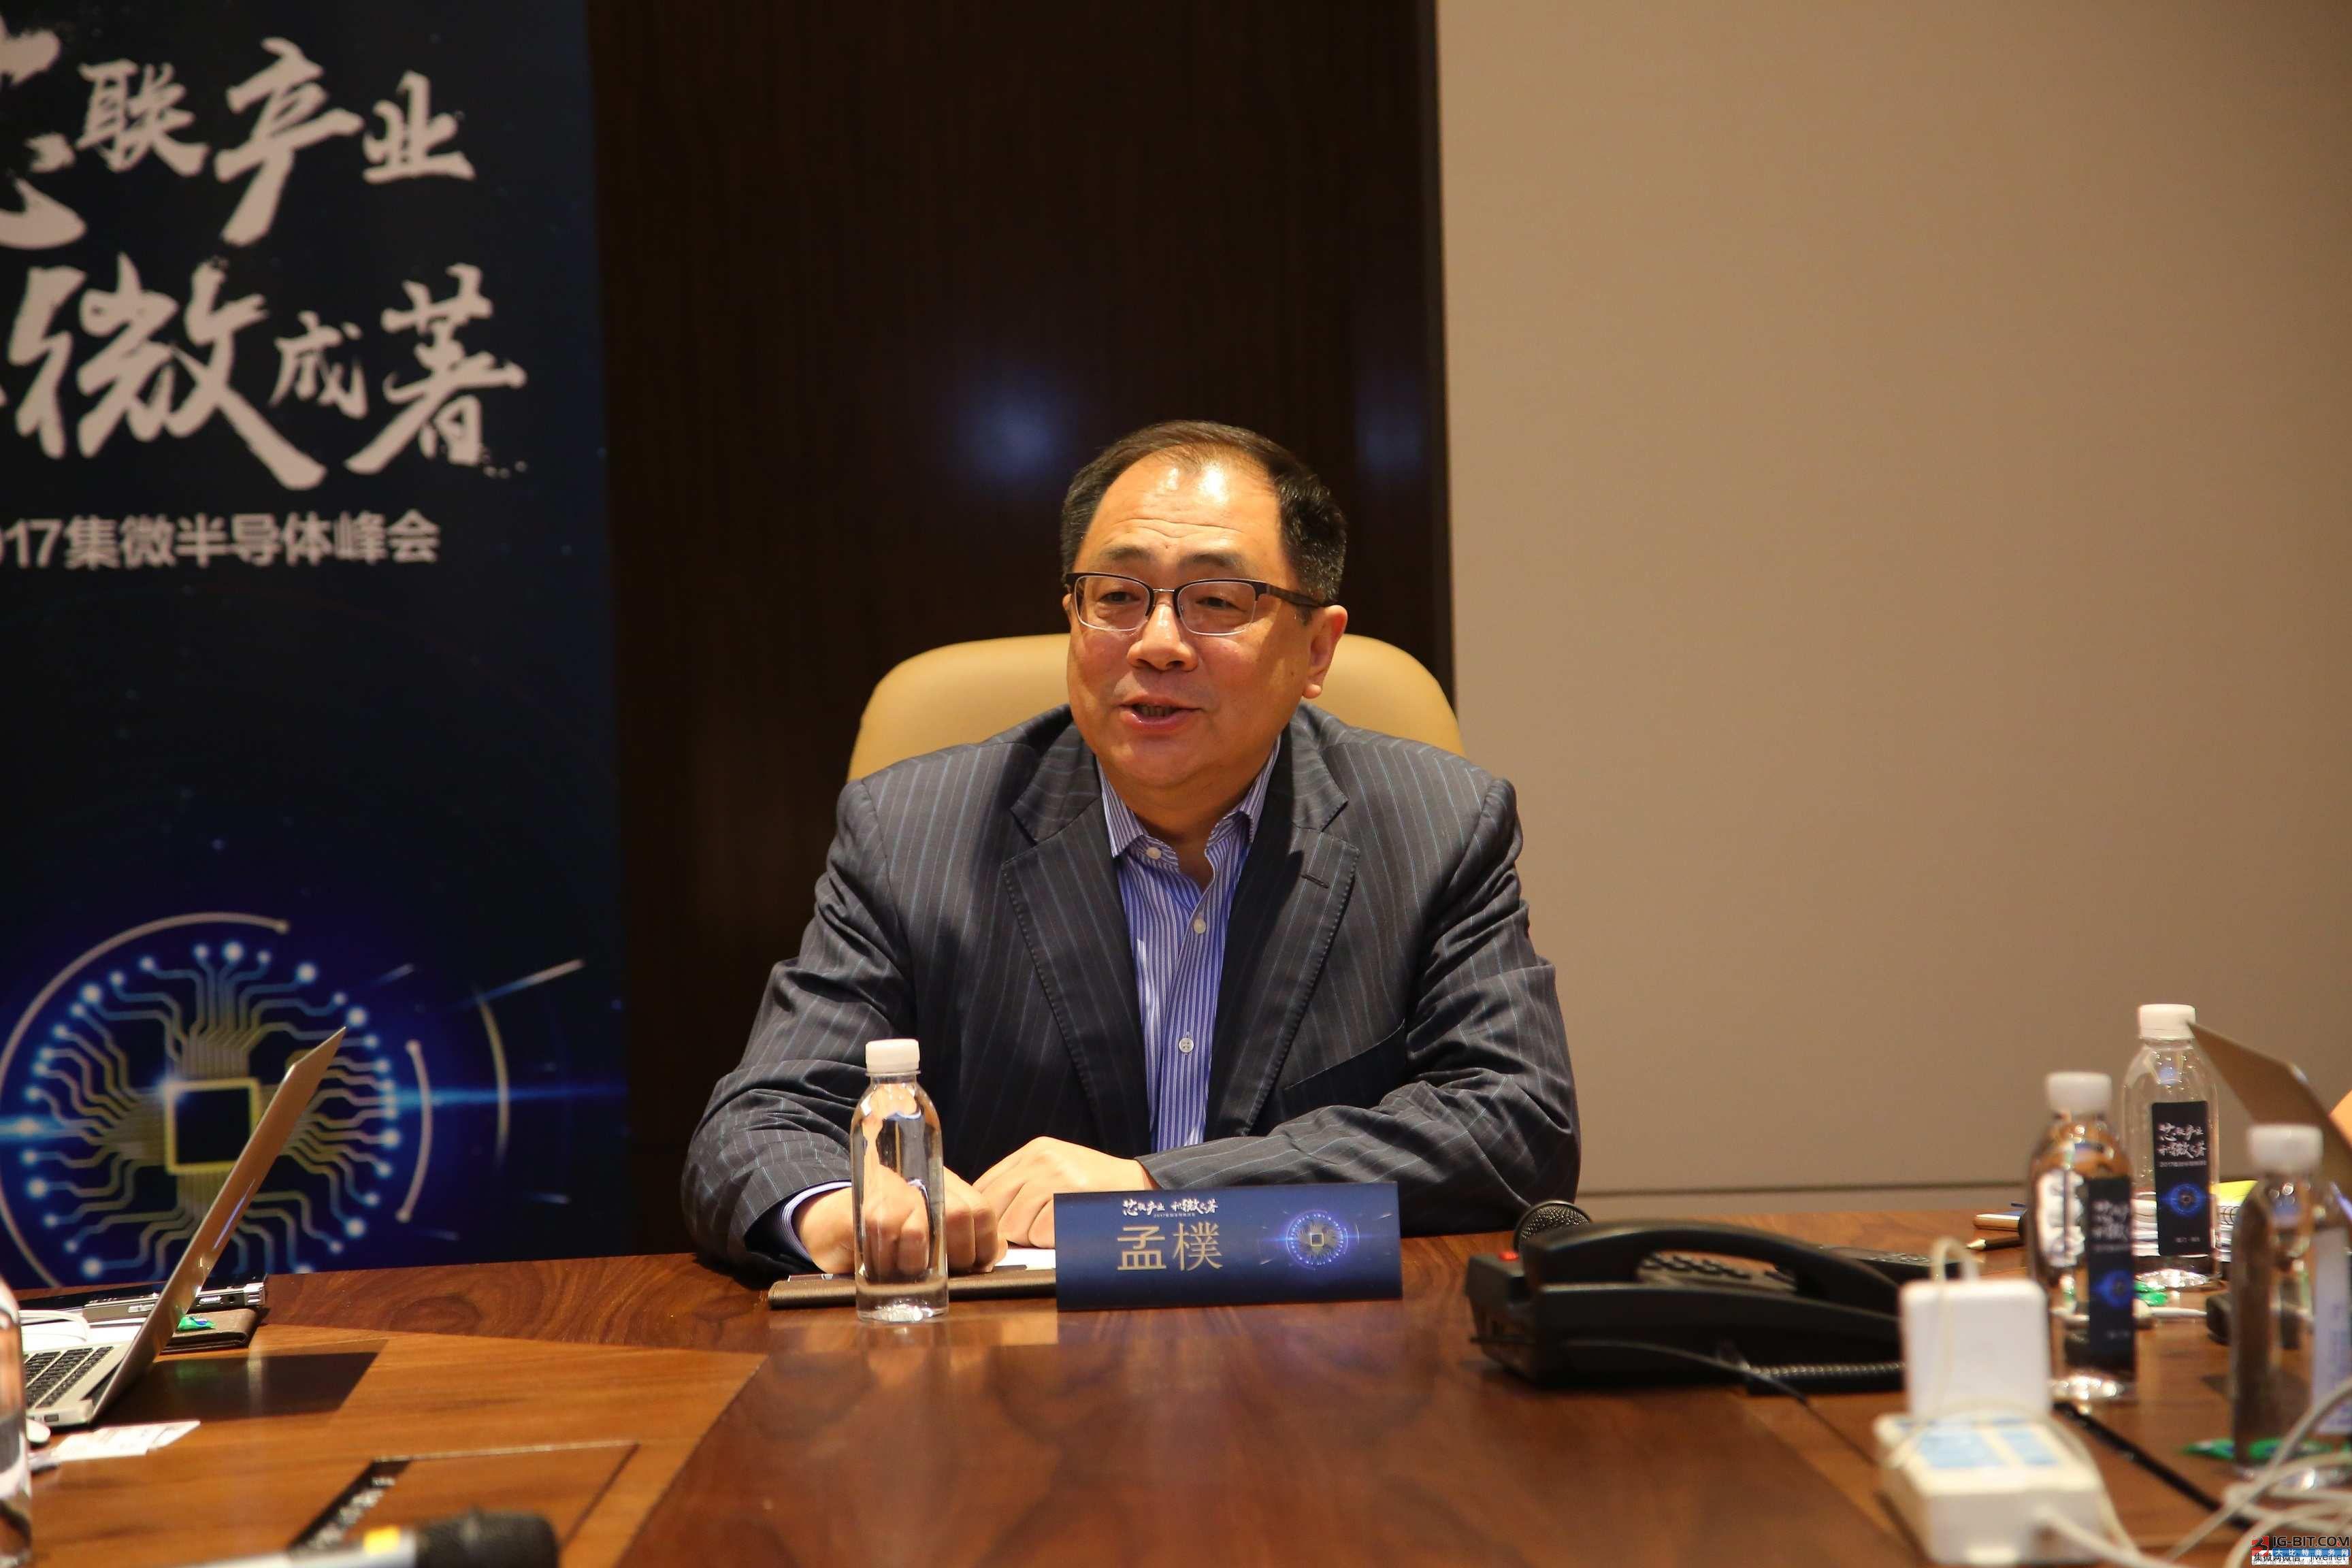 孟樸:公平开放的市场环境是中国半导体产业高速发展的基础